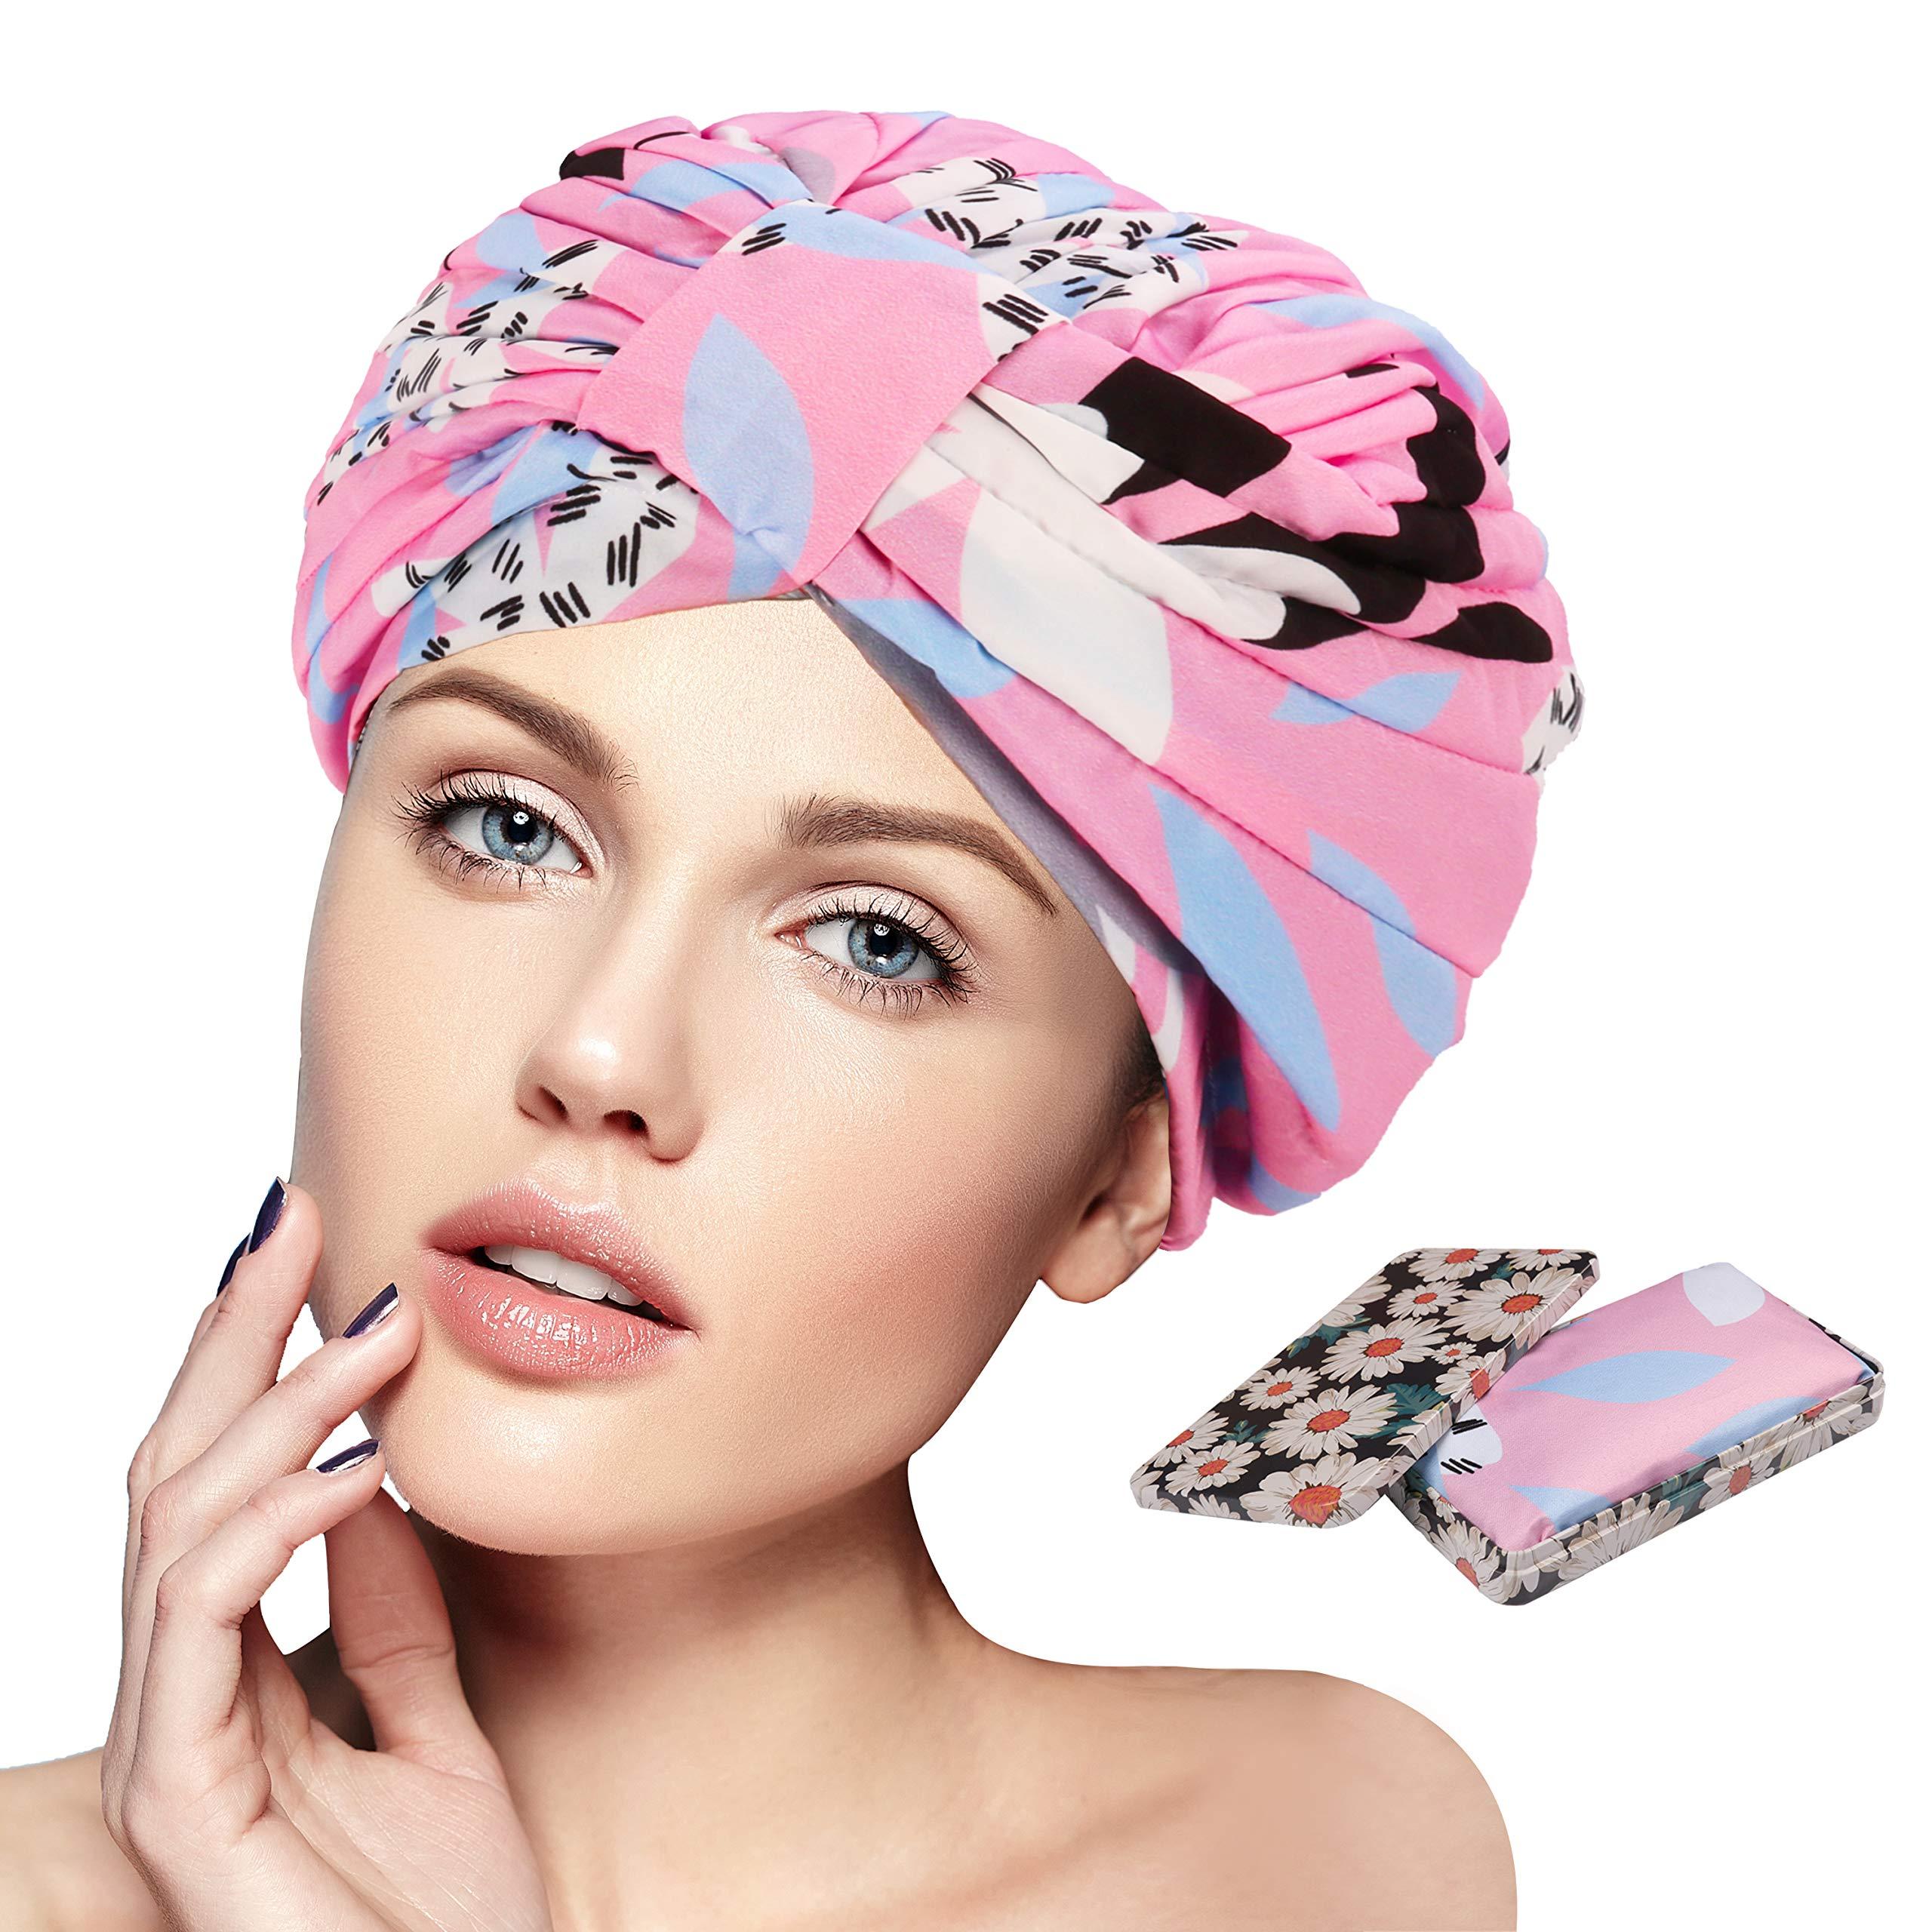 Shower Cap For Women Shower Caps For Long Hair Waterproof Wide Band Sleep Bonnet Cap Reusable Shower Hats